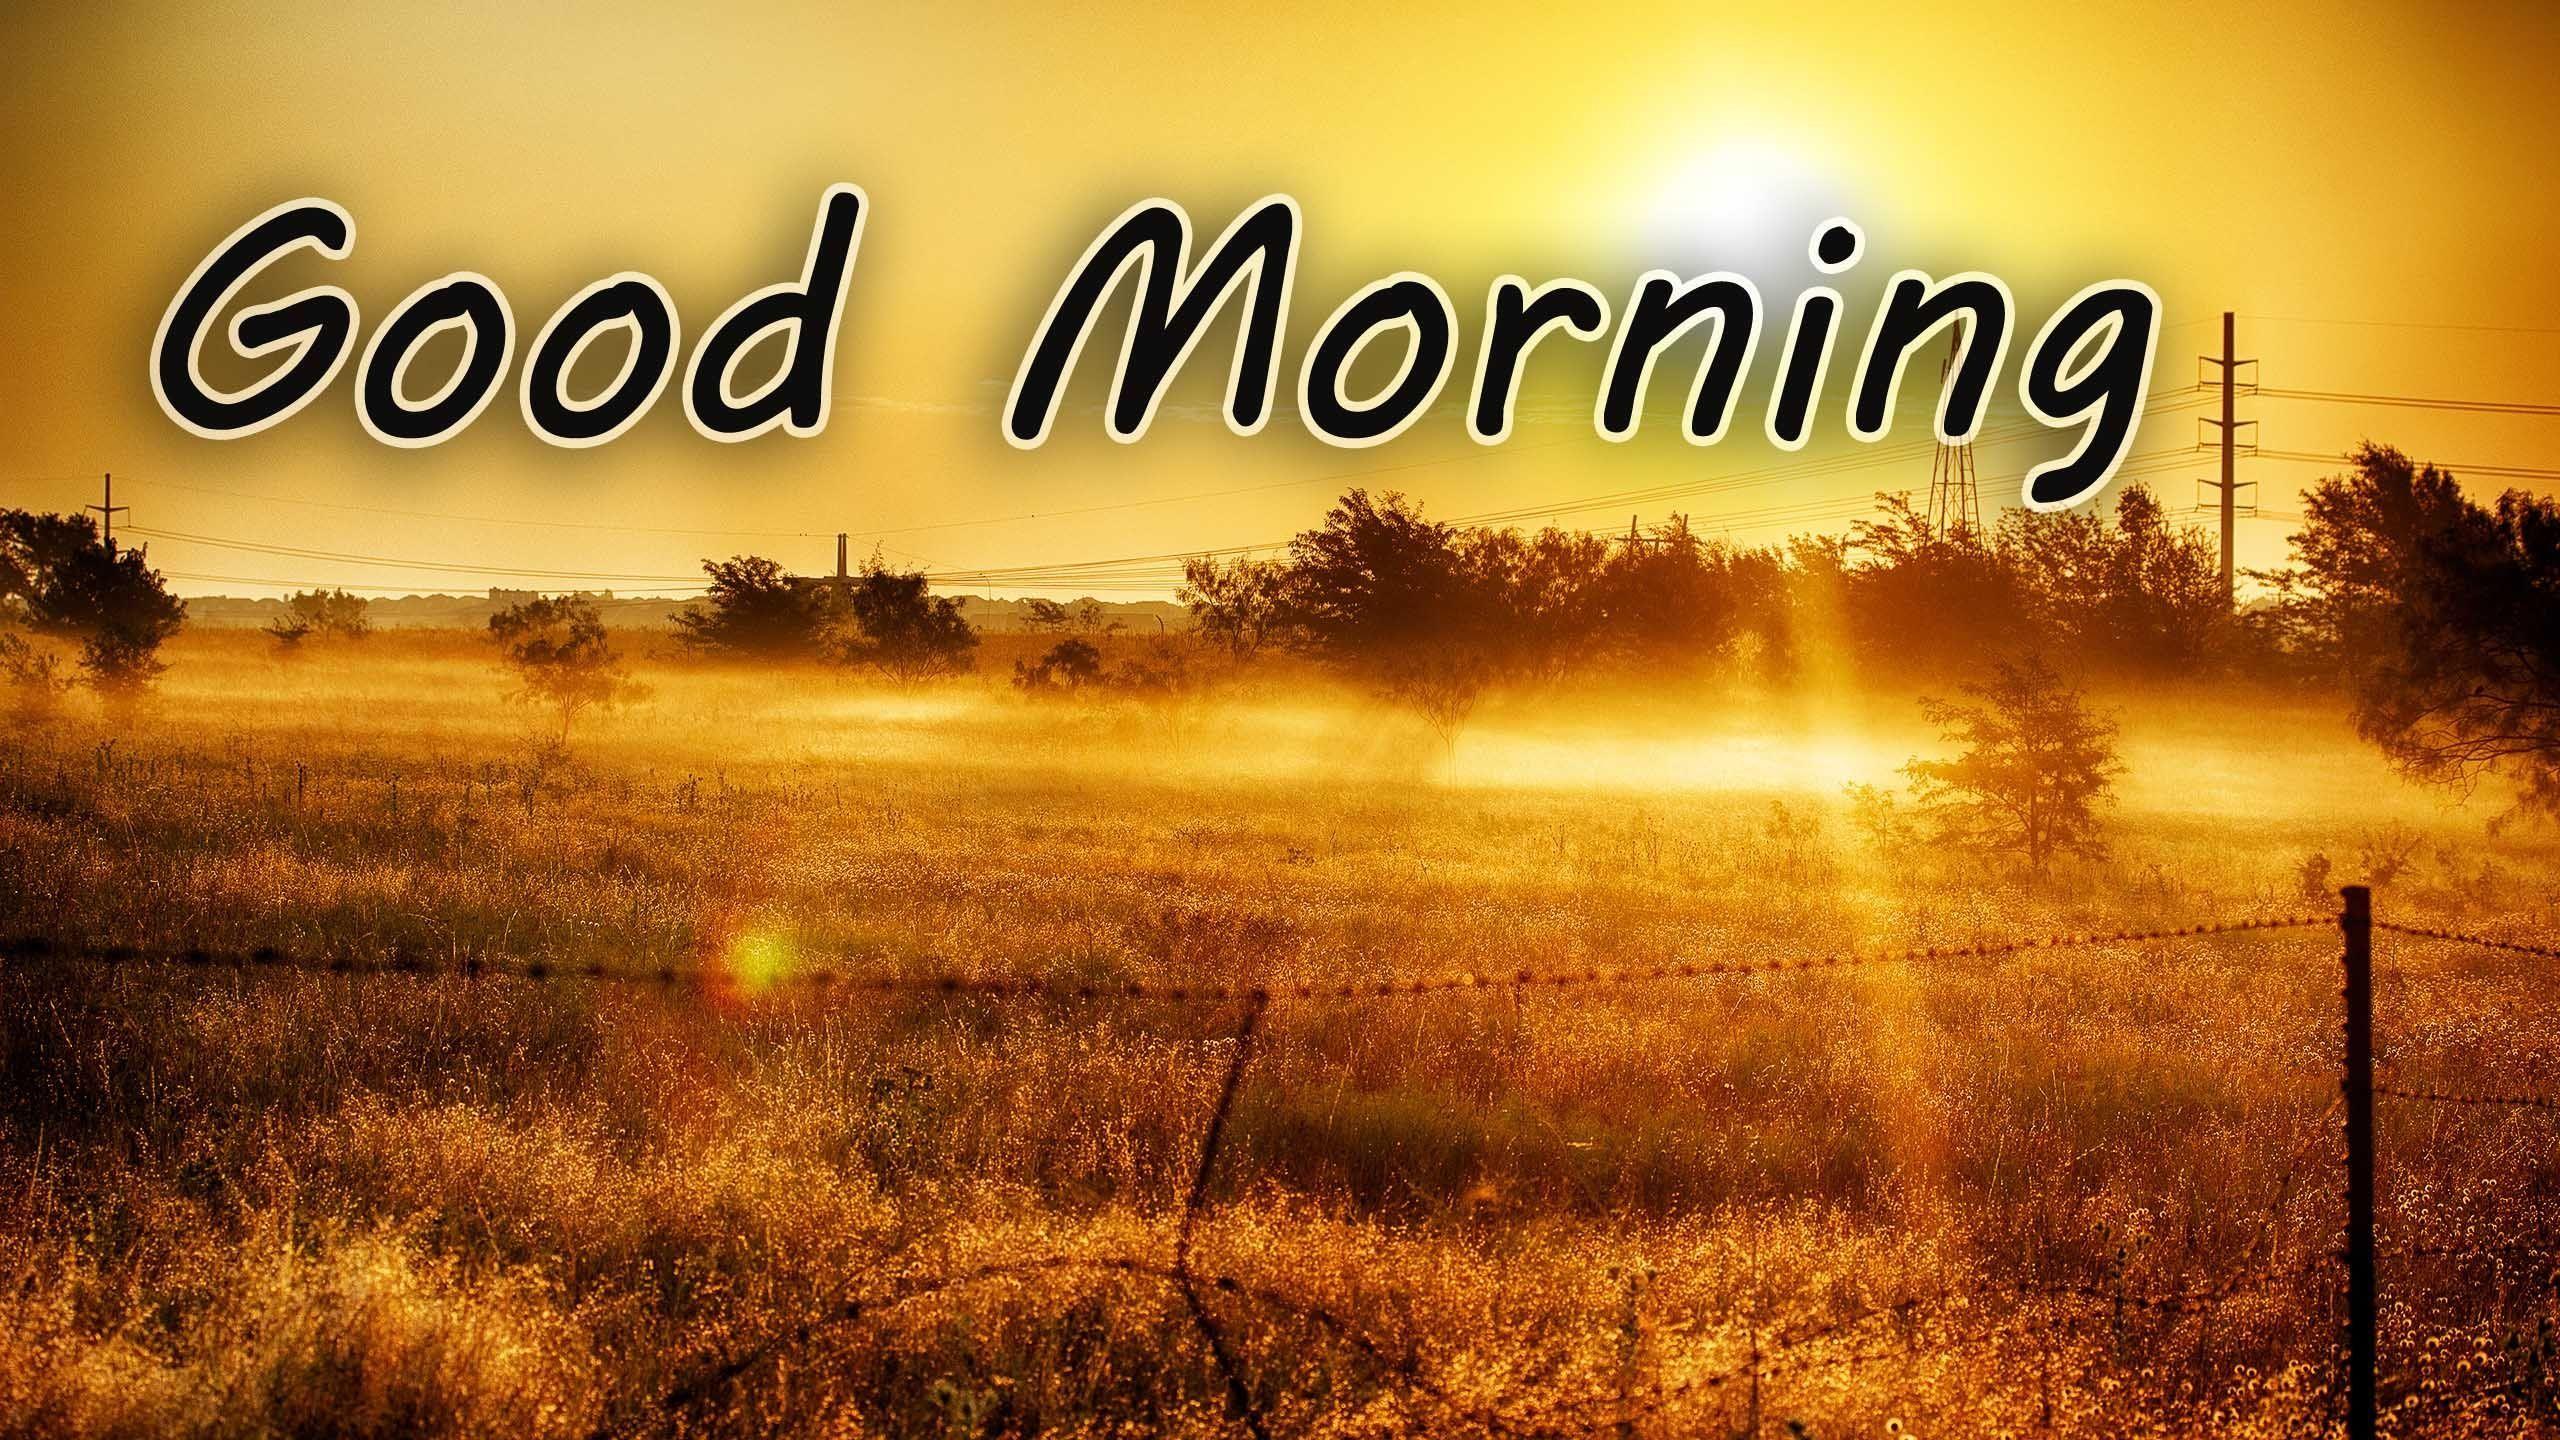 Good Morning Sunrise Wallpapers 4k Hd Good Morning Sunrise Backgrounds On Wallpaperbat